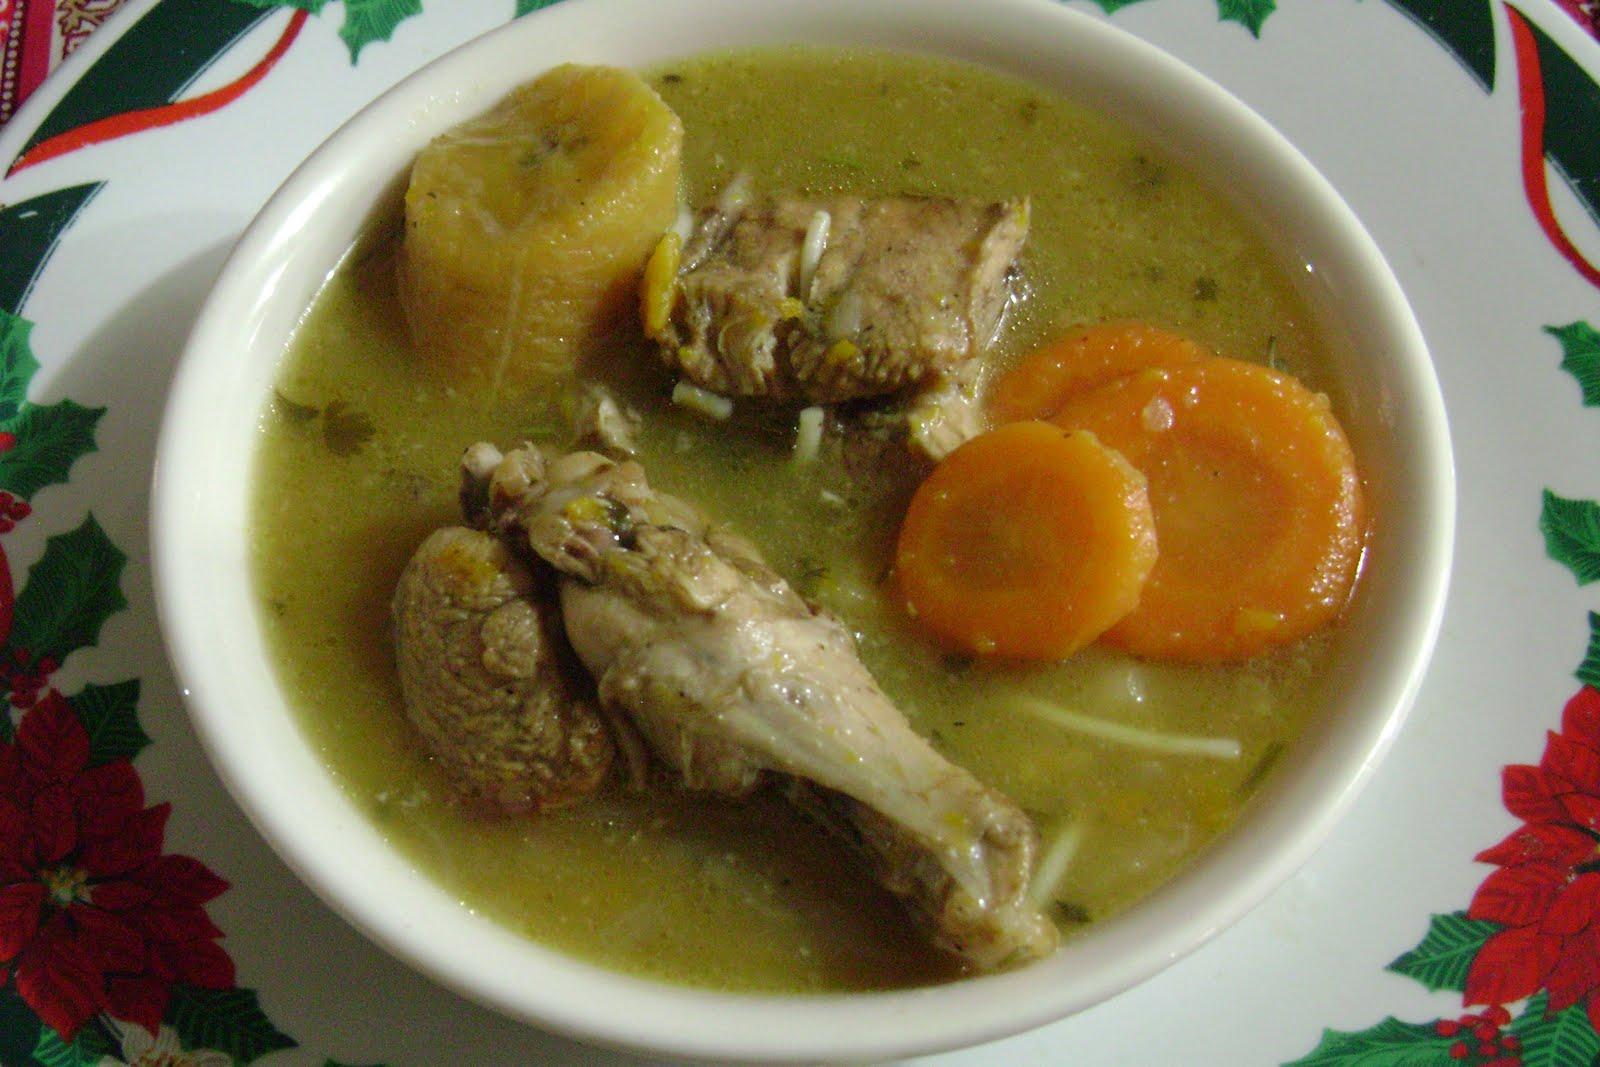 gallina pollo: